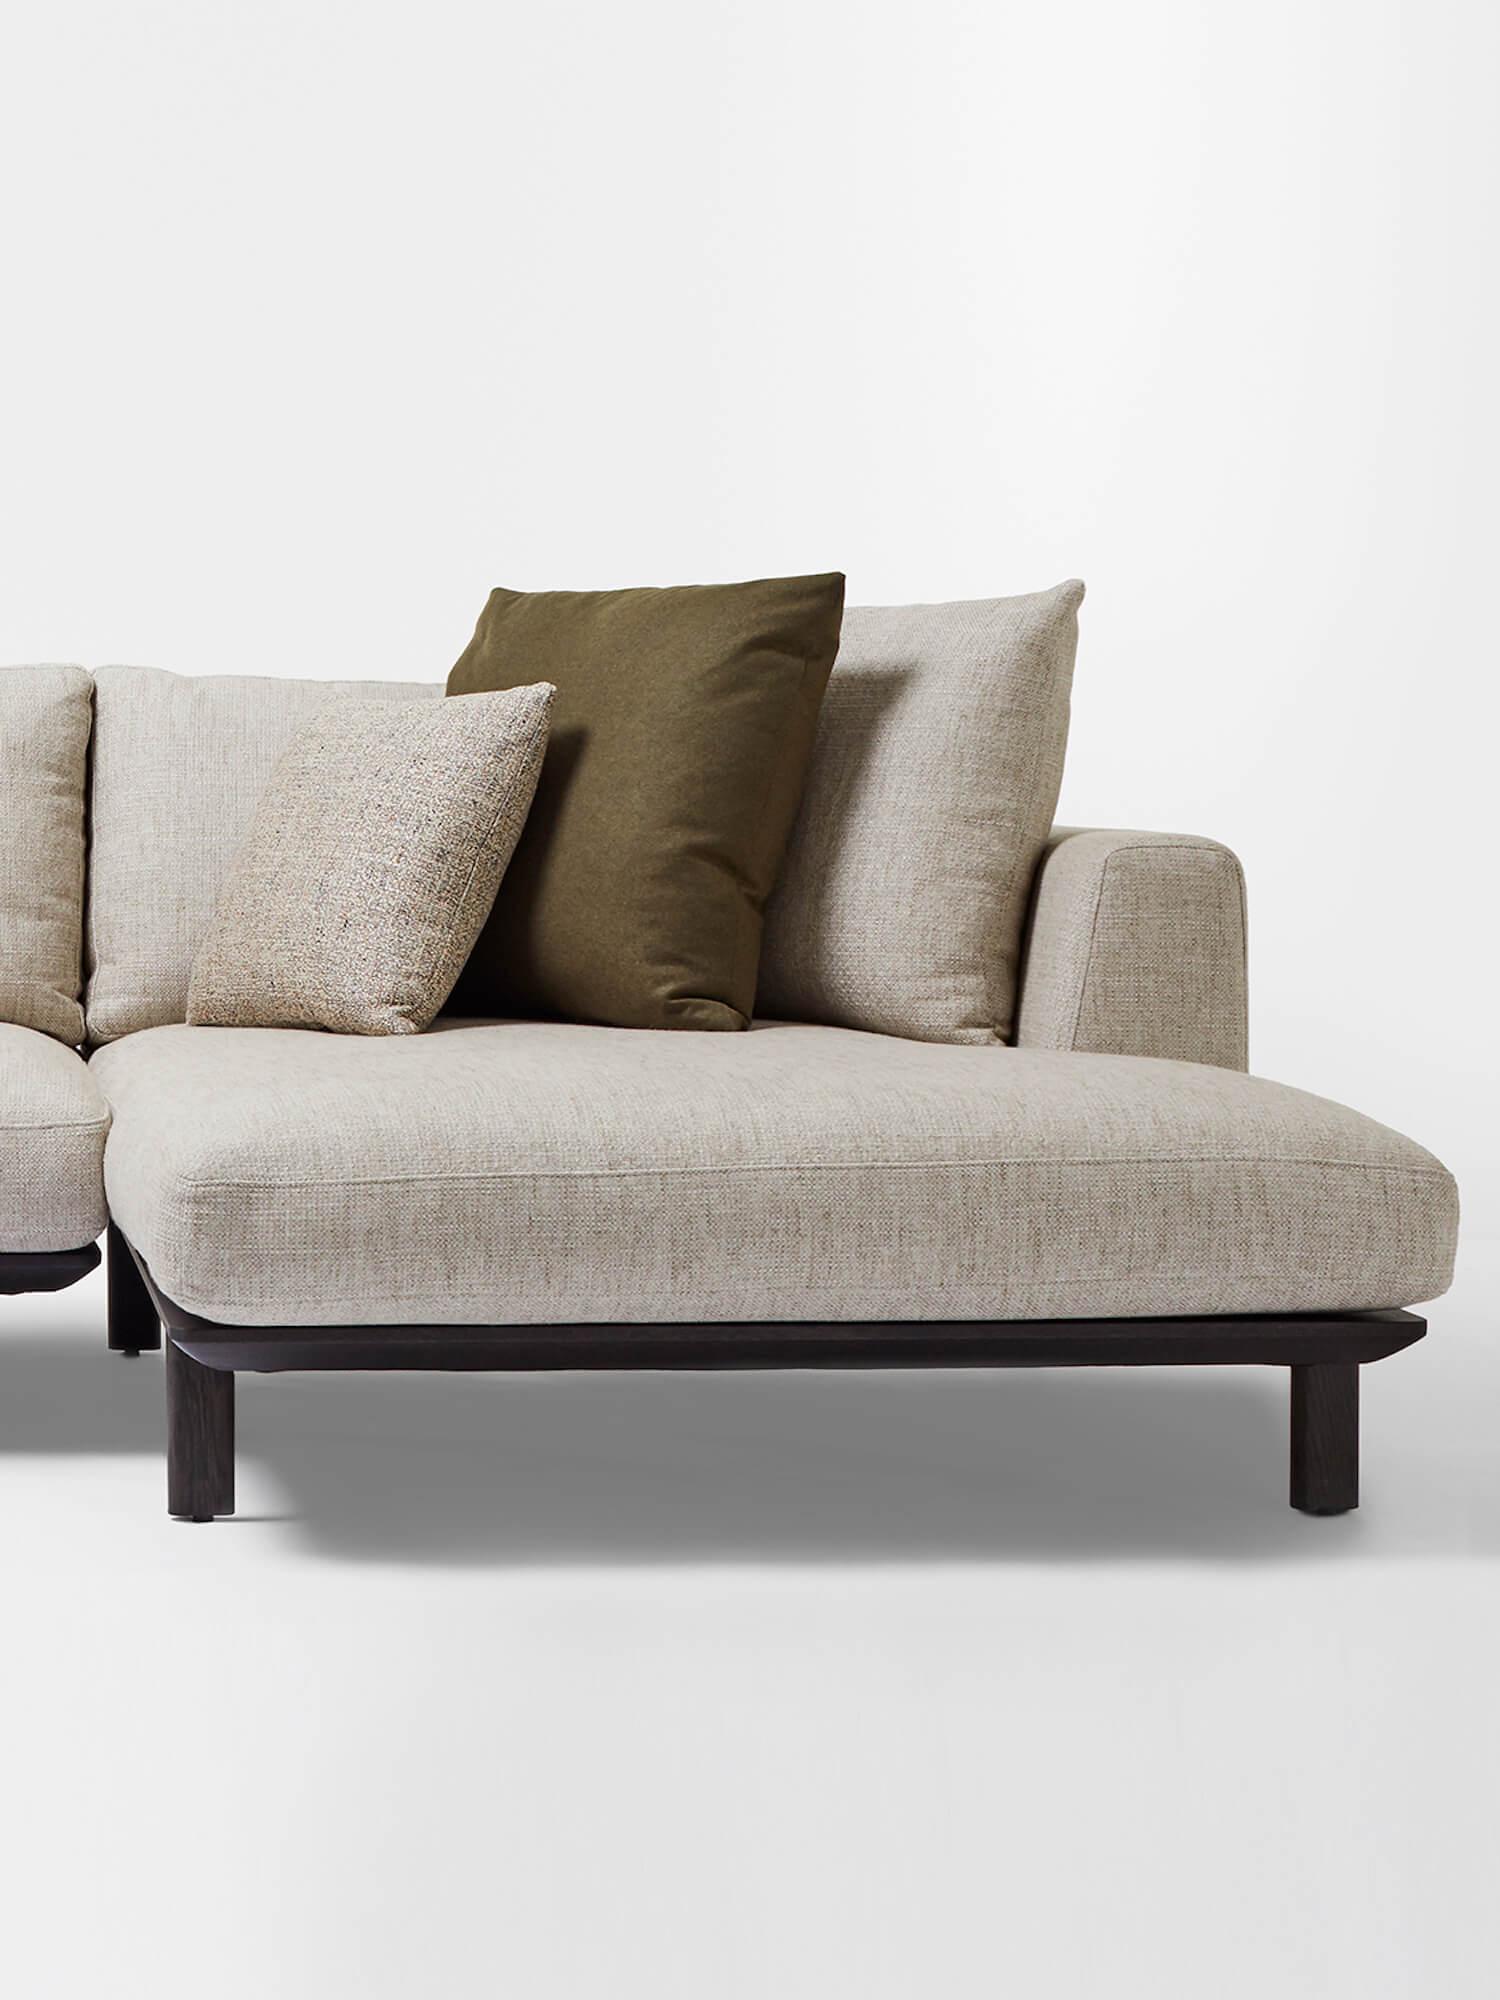 est living cosh living kett otway sofa 1